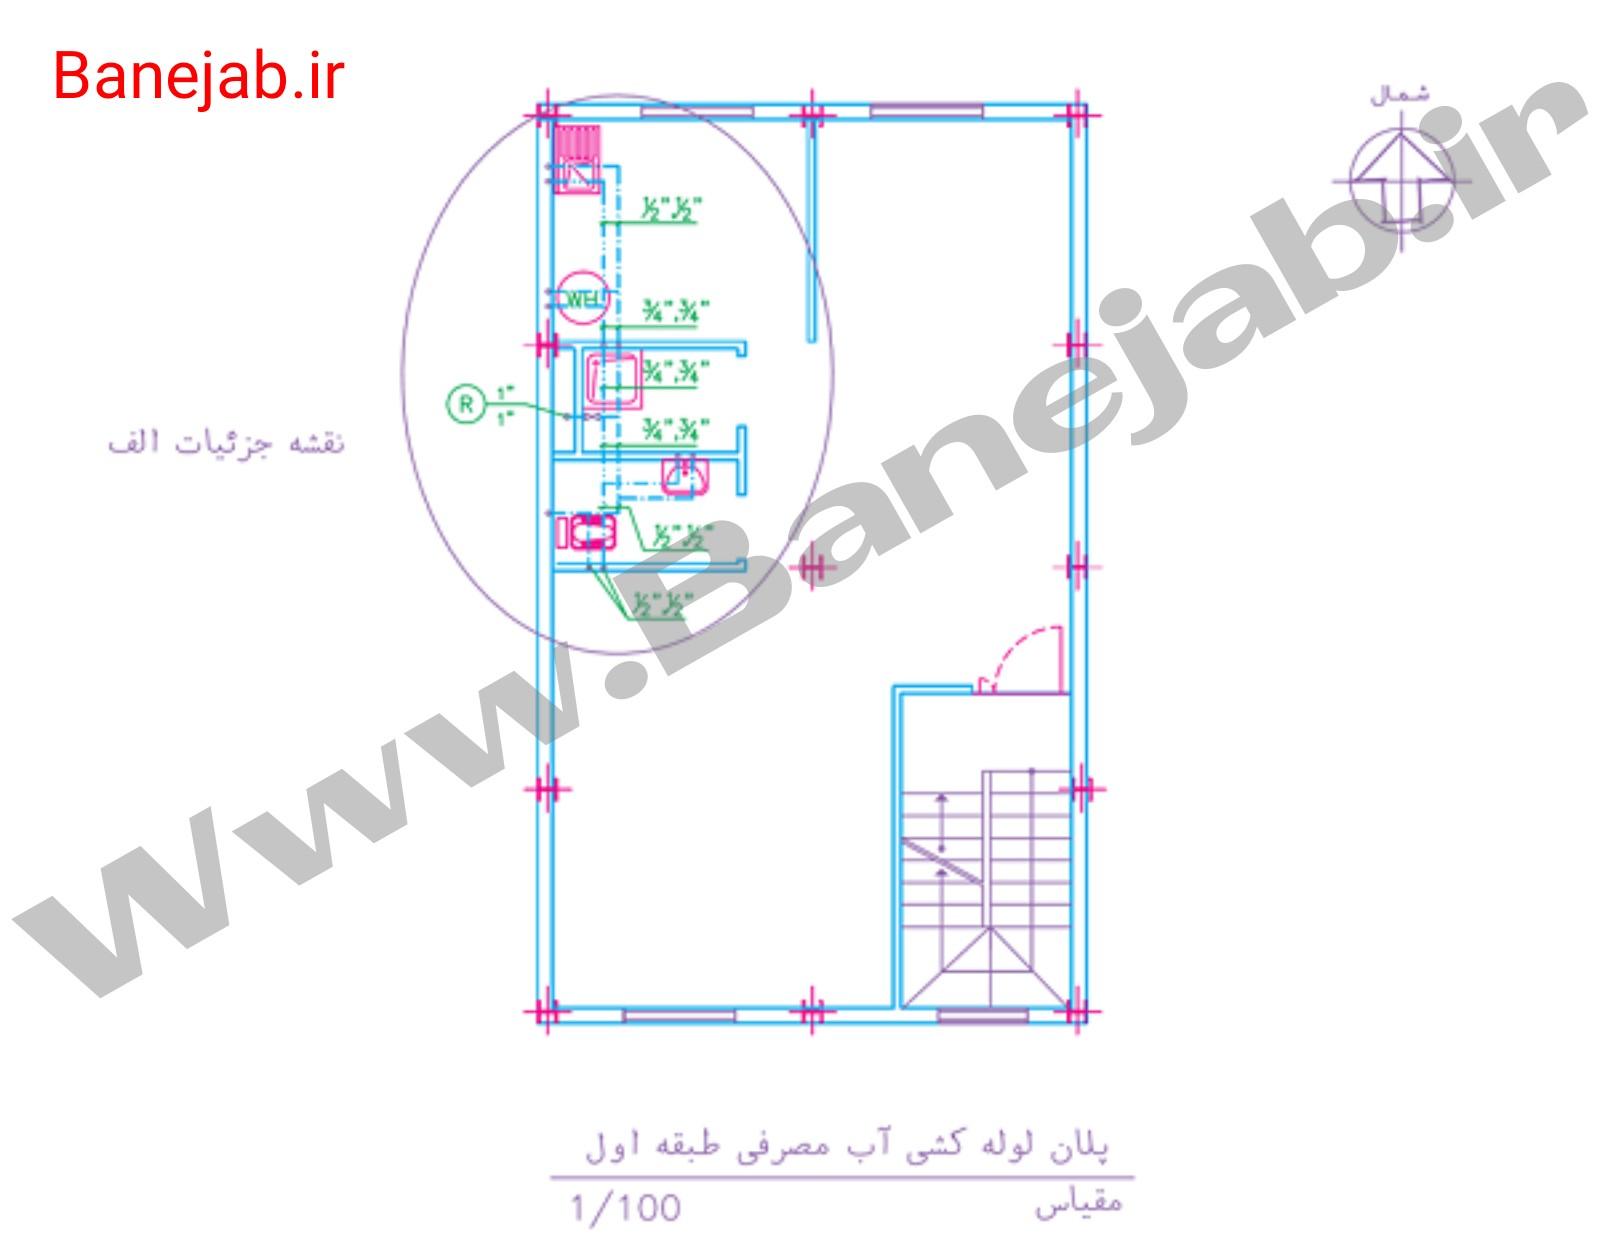 شکل 7 پلان نمونه از یک سیستم لوله کشی